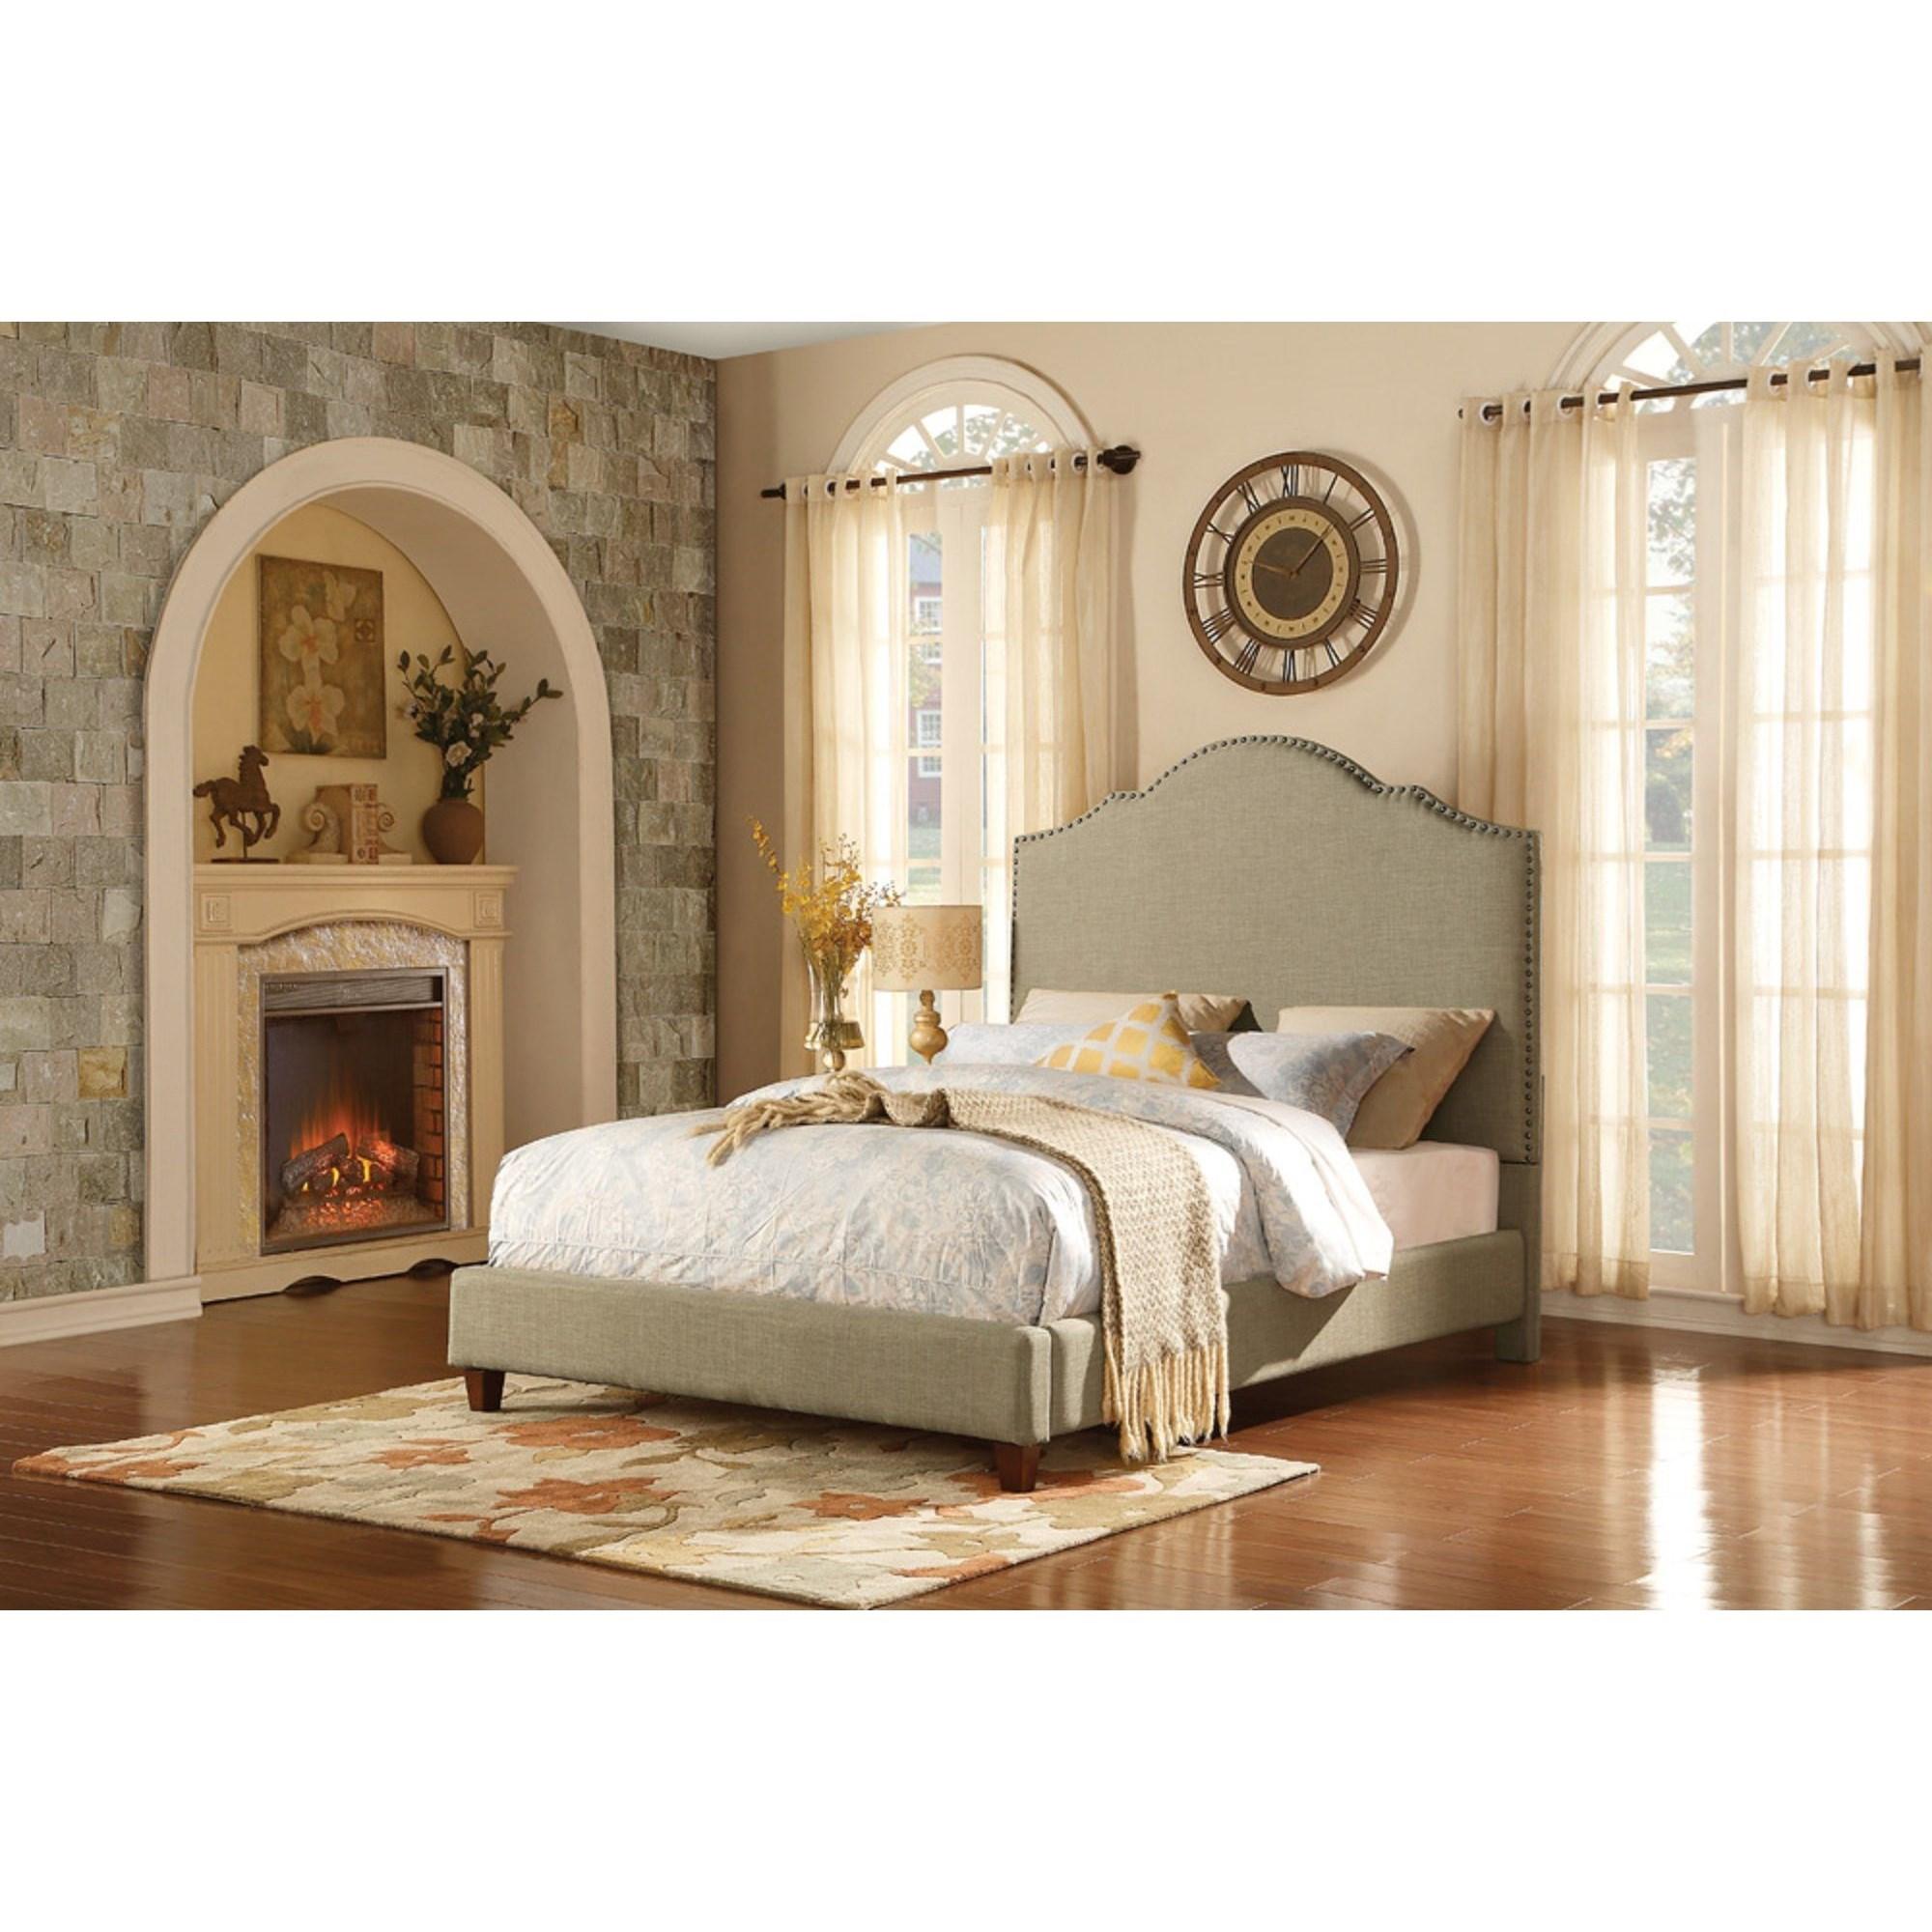 Homelegance Ember Contemporary Full Upholstered Platform Bed - Item Number: 5797FN-1+3